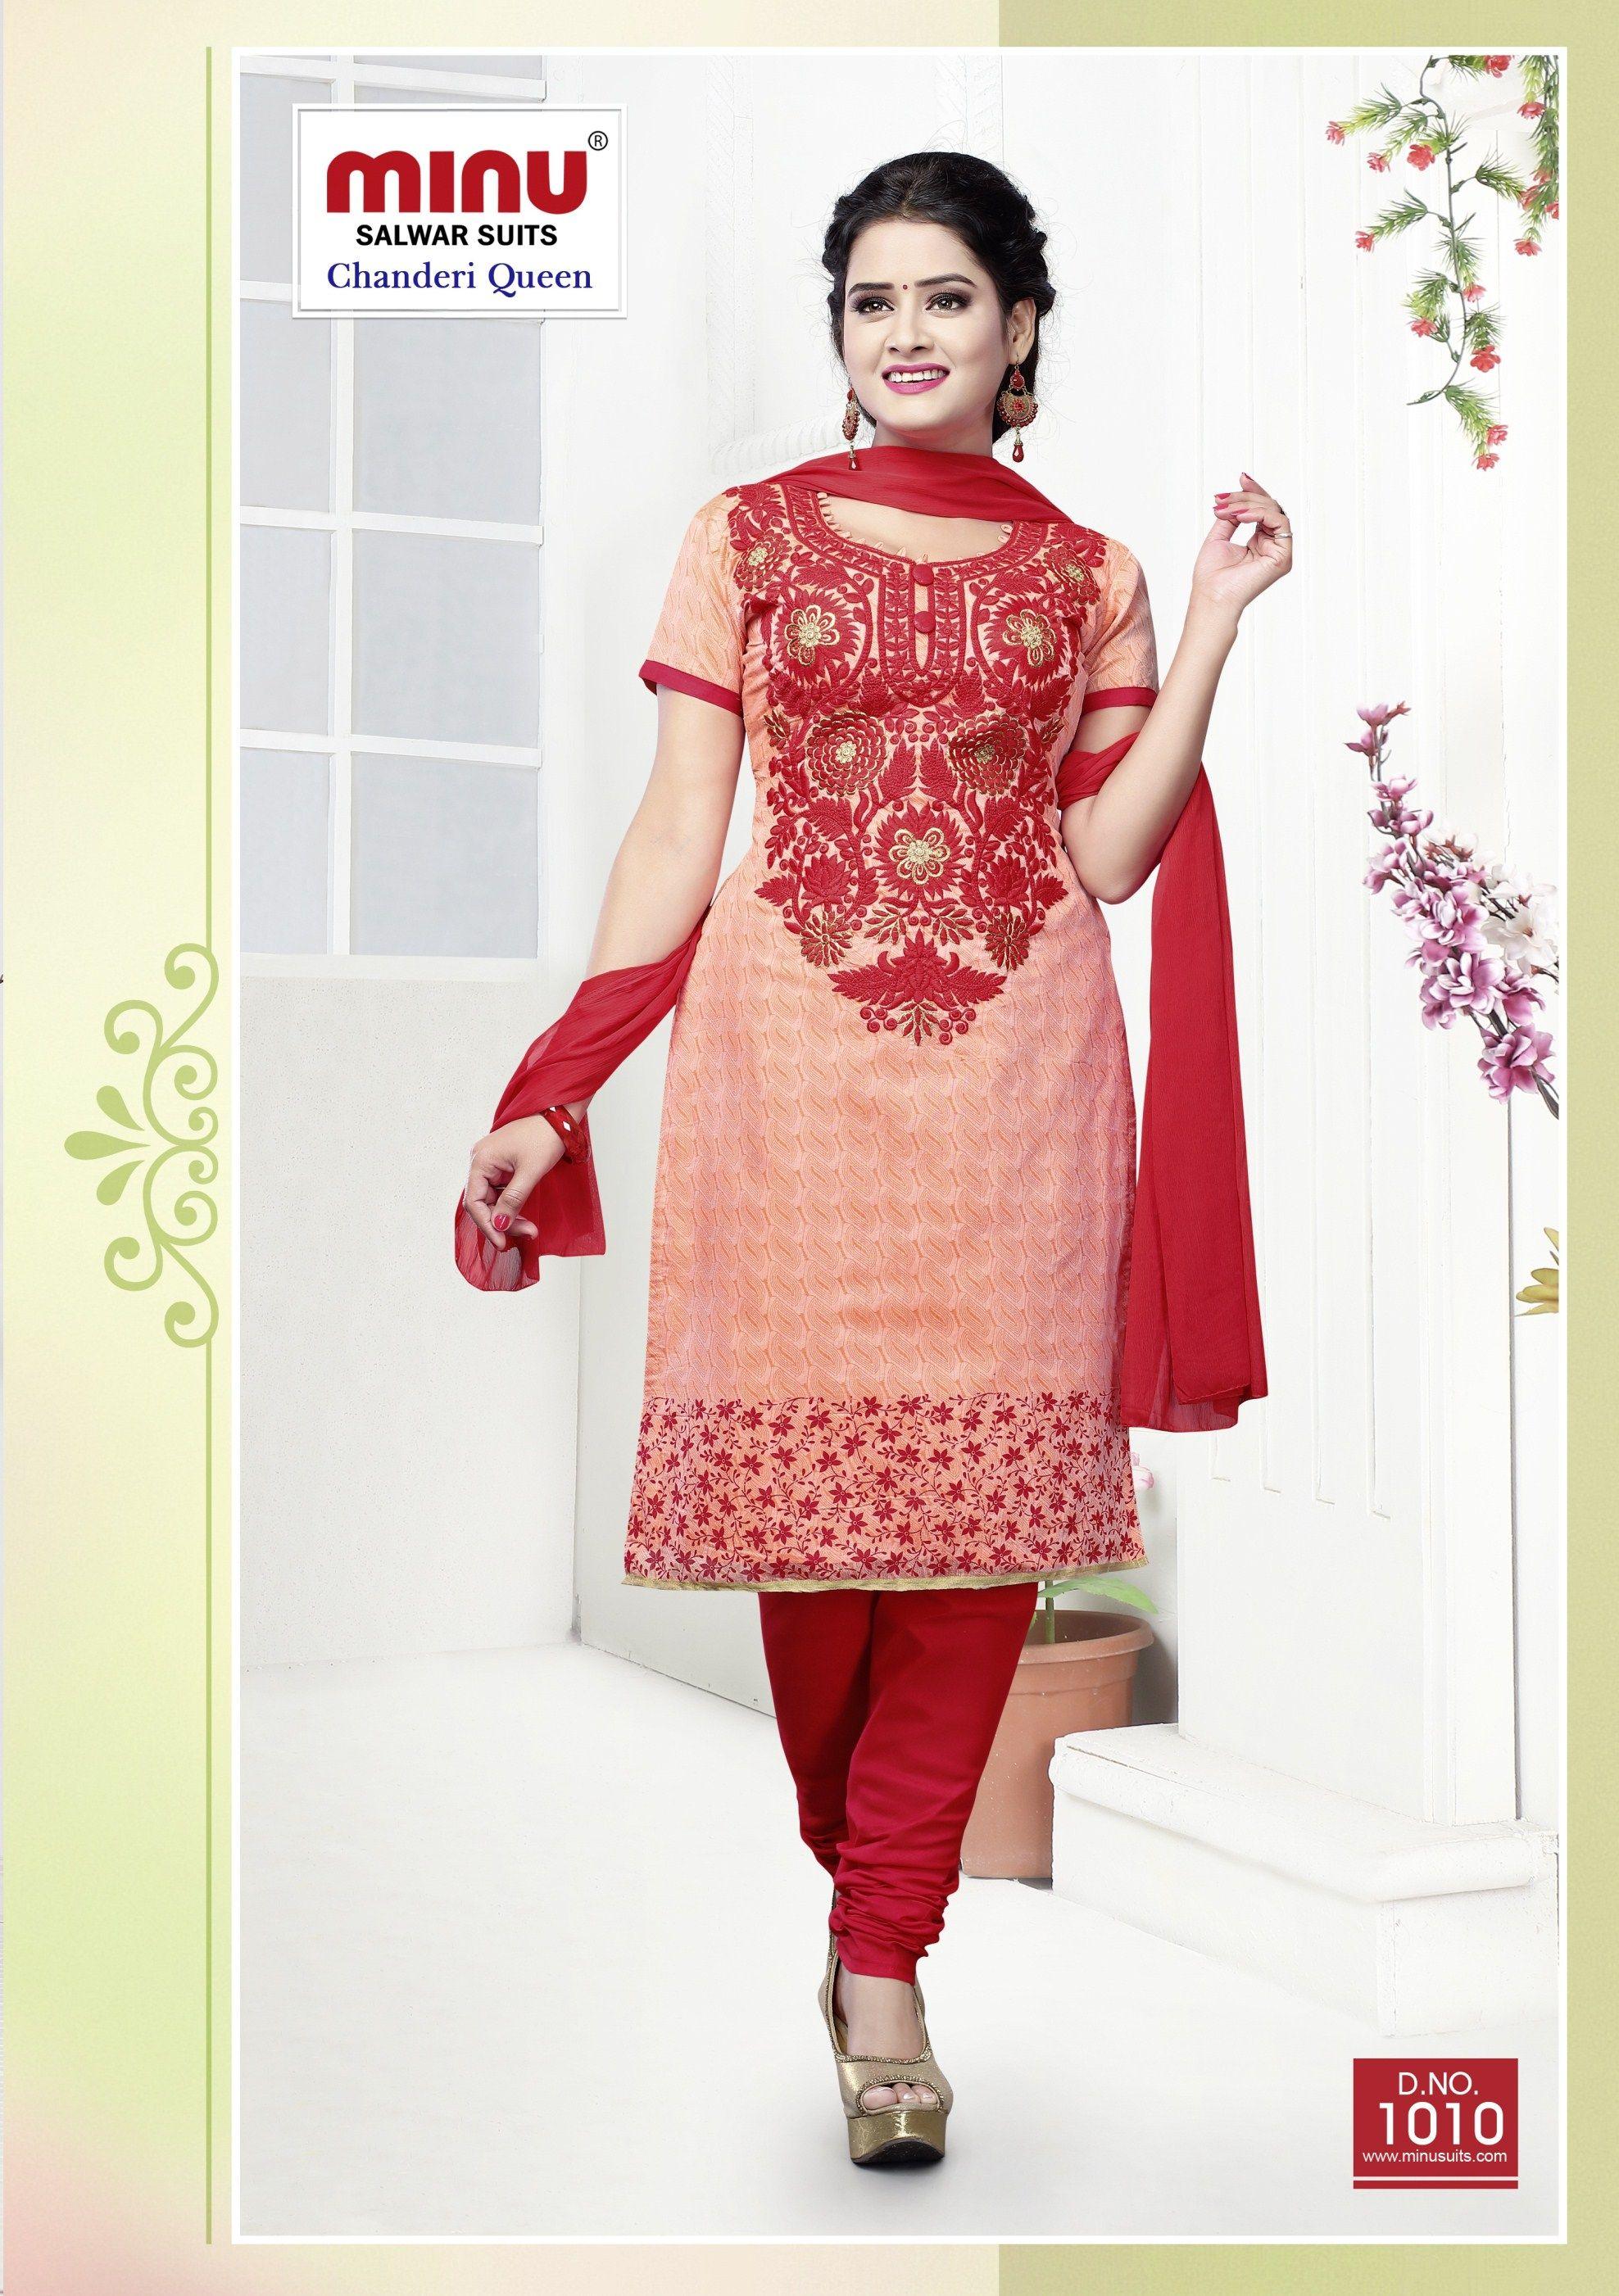 Pink dress to wear to a wedding  Pin by Minu fashion on Minu Fashion  Pinterest  Fashion